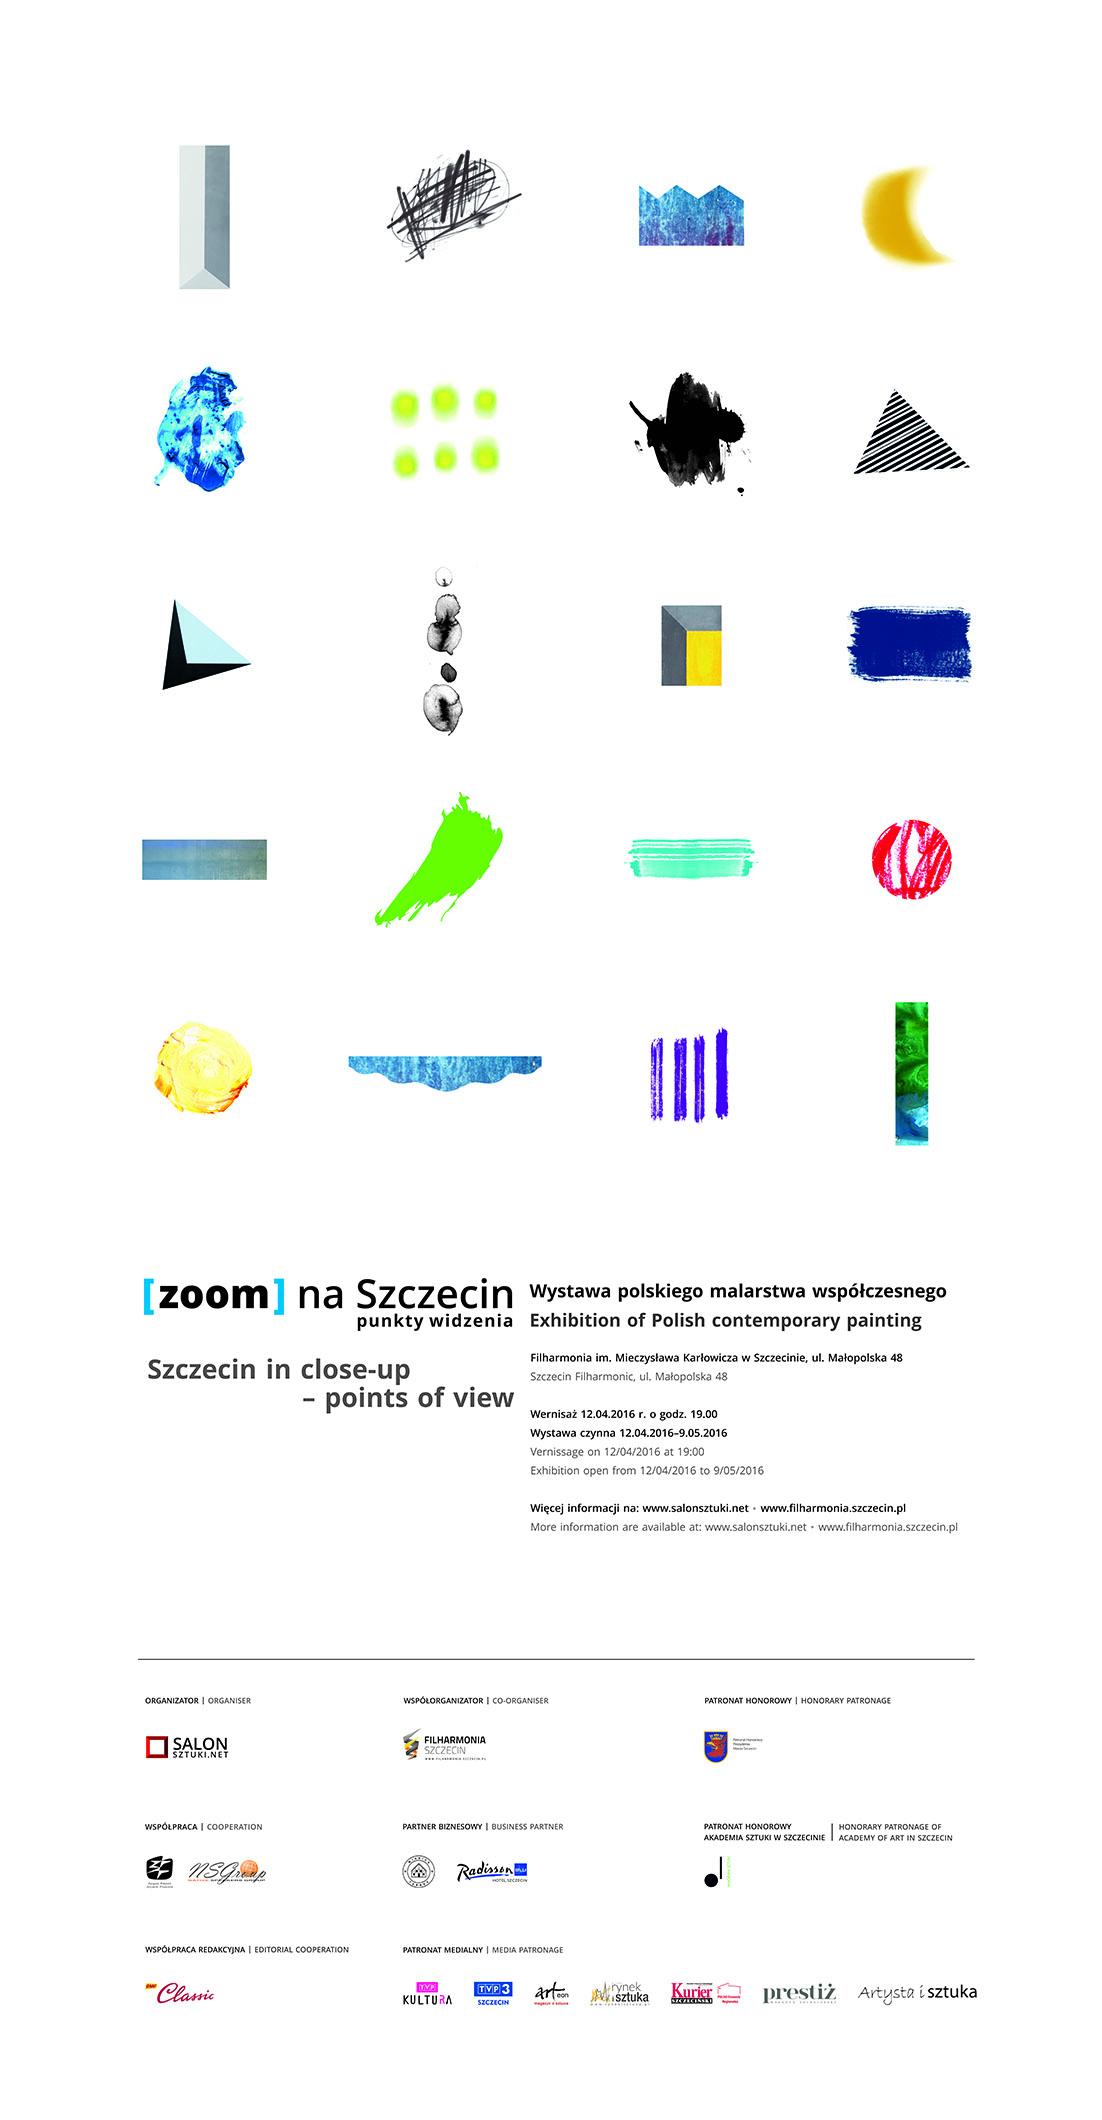 Plakat z wystawy Zoom na Szczecin. Punkty widzenia, projekt Justyna Machnicka, 2016